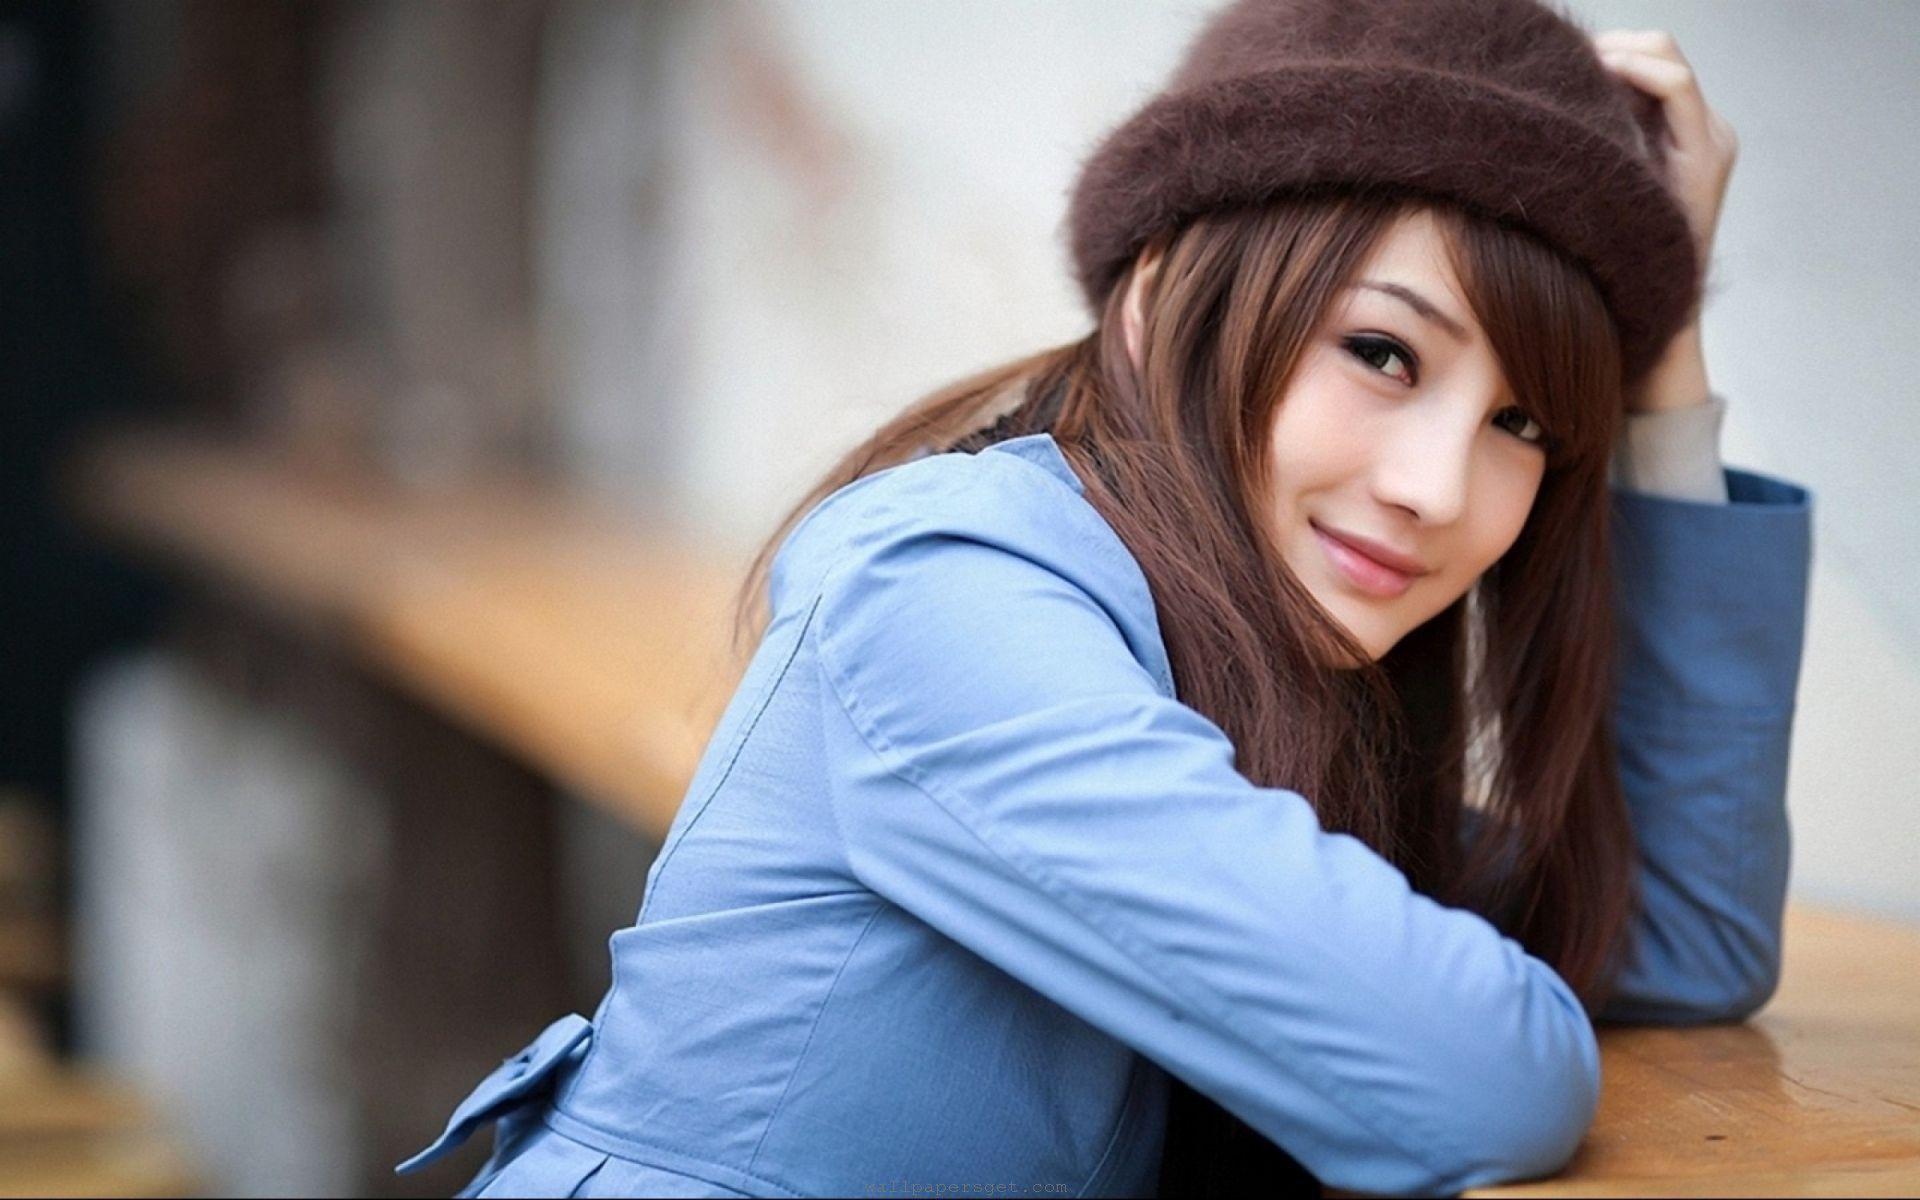 Wallpaper download hd girl - Beautiful Japanese Girls Wallpapers Find Best Latest Beautiful Japanese Girls Wallpapers In Hd For Your